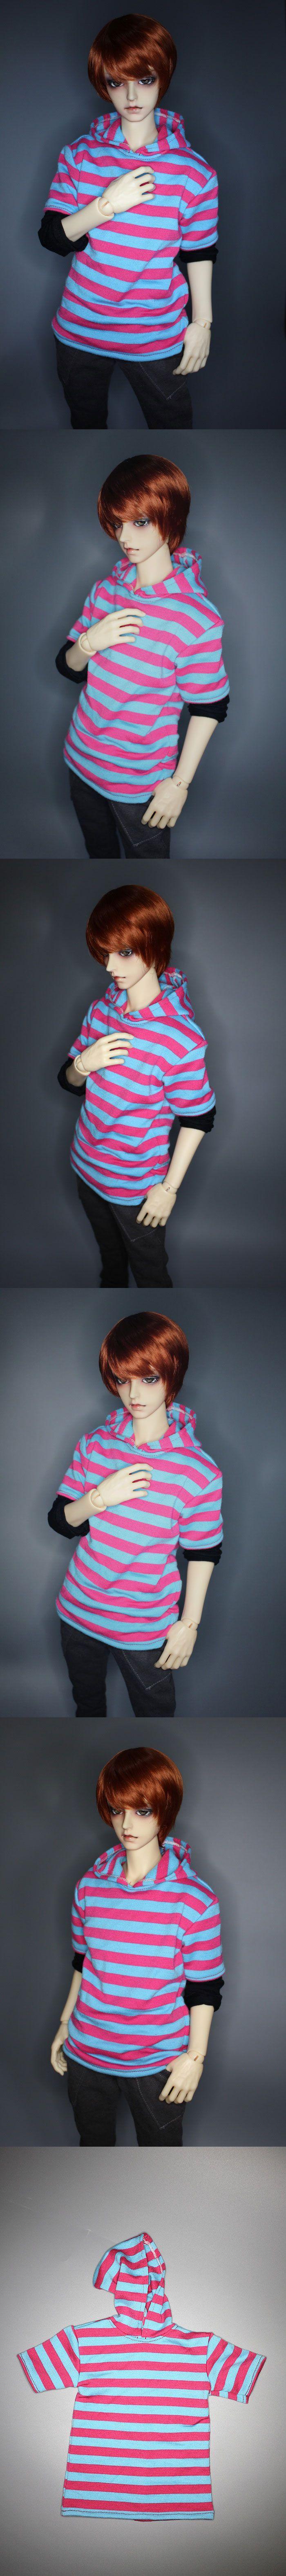 ドール服 70cm/SD13サイズ人形用 Tシャツ